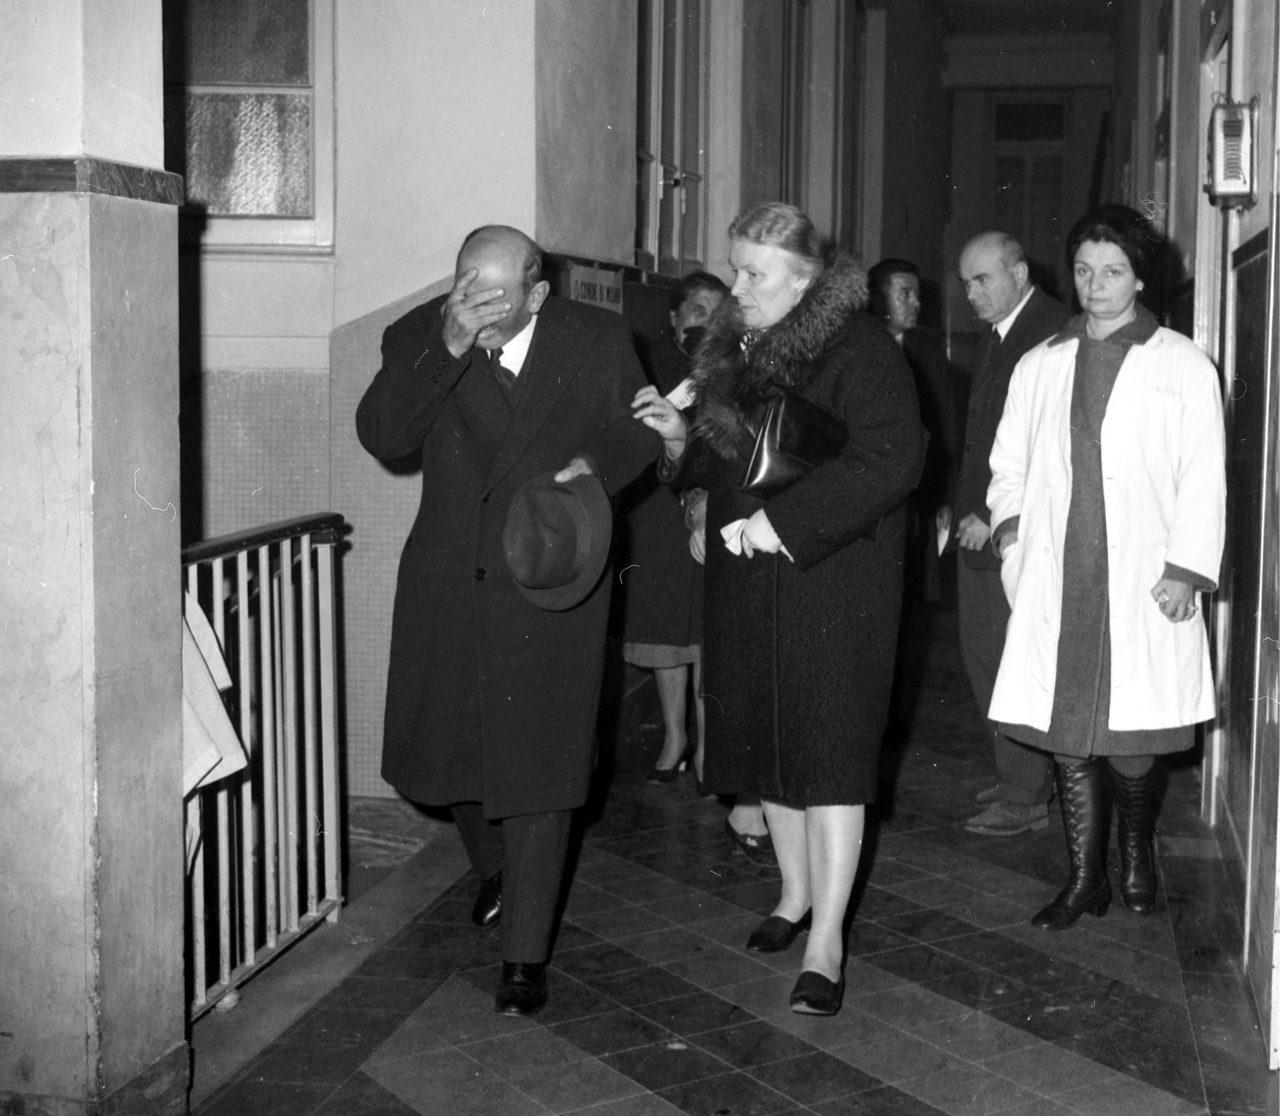 OBITORIO, PARENTI DELLE VITTIME DELLA STRAGE DI PIAZZA FONTANA ANNO 1969 (FOTO DE BELLIS/Fotogramma, MILANO - 1969-12-14)